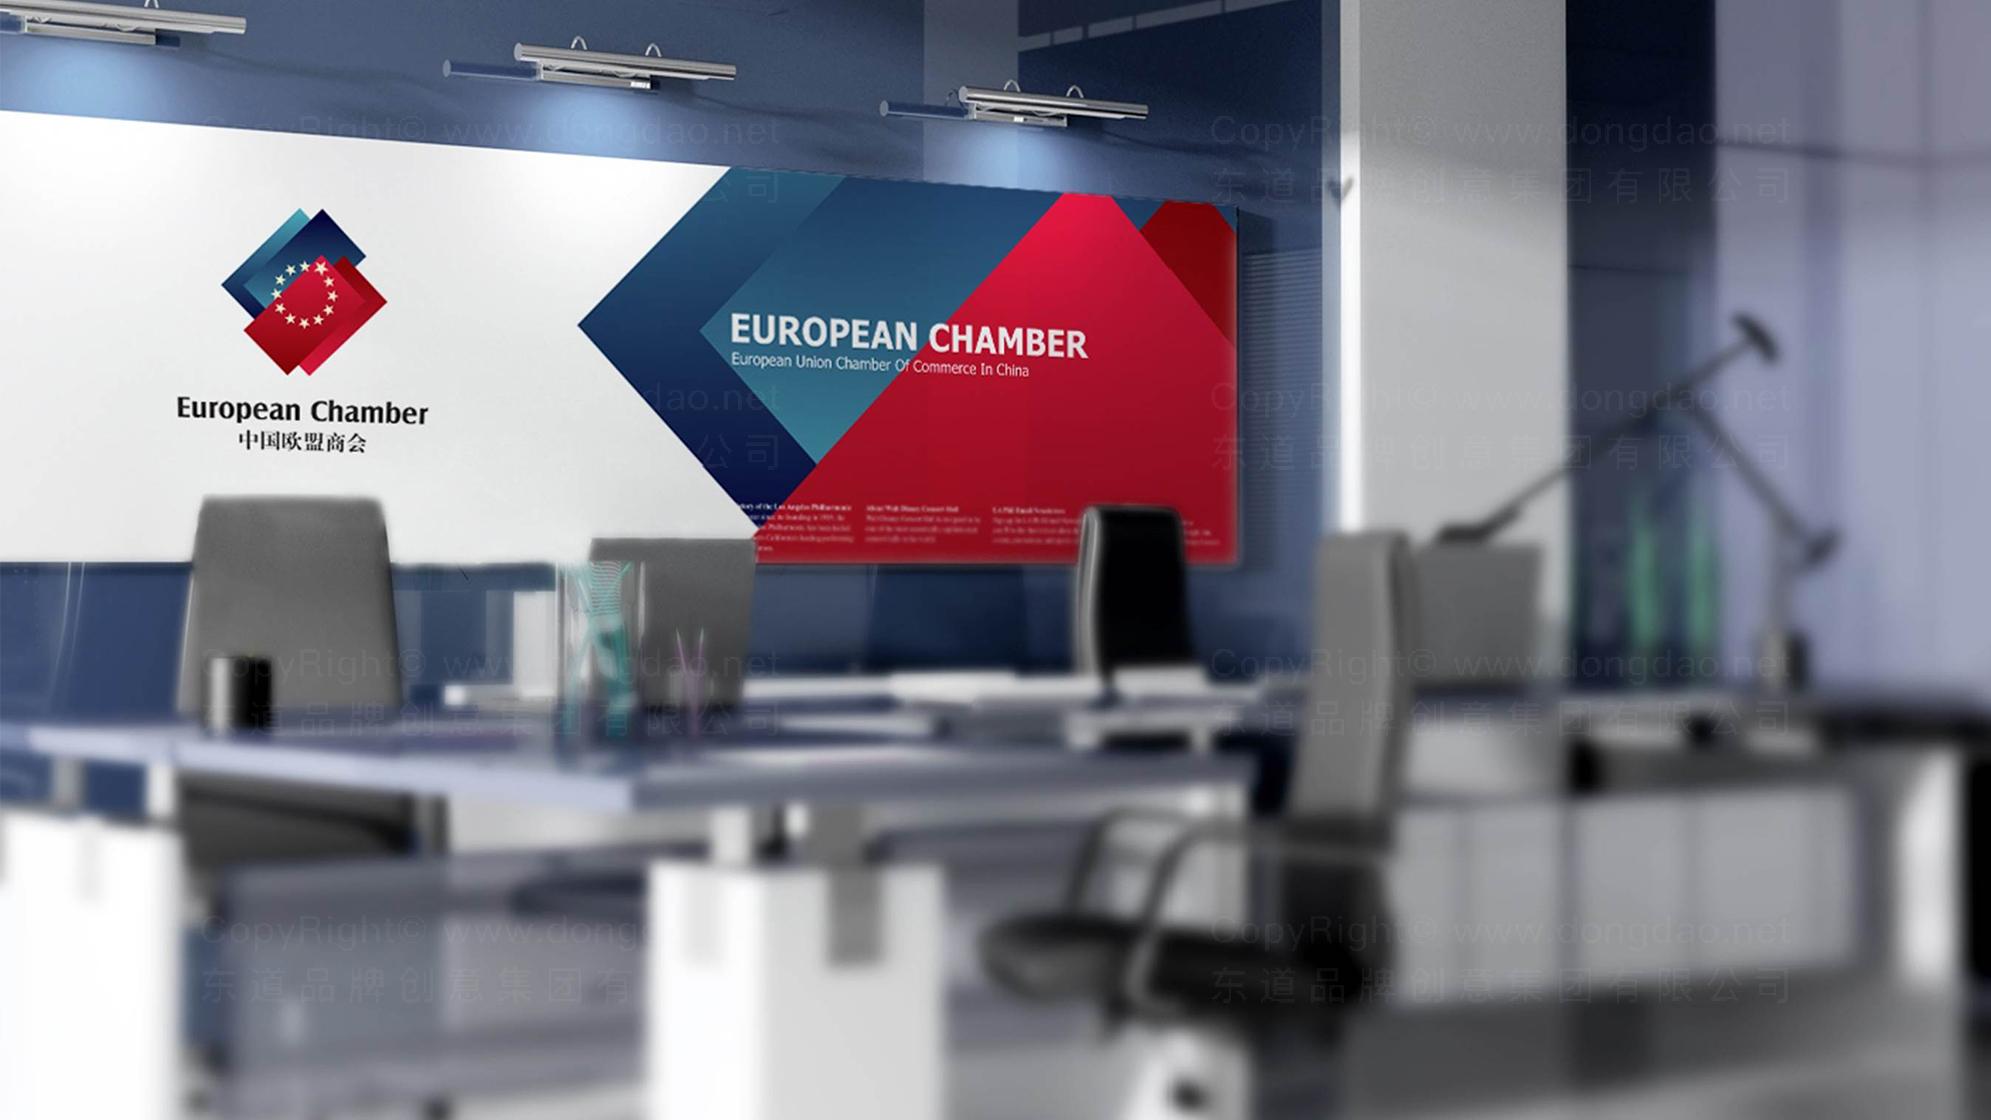 品牌设计中国欧盟商会LOGO&VI设计应用场景_3